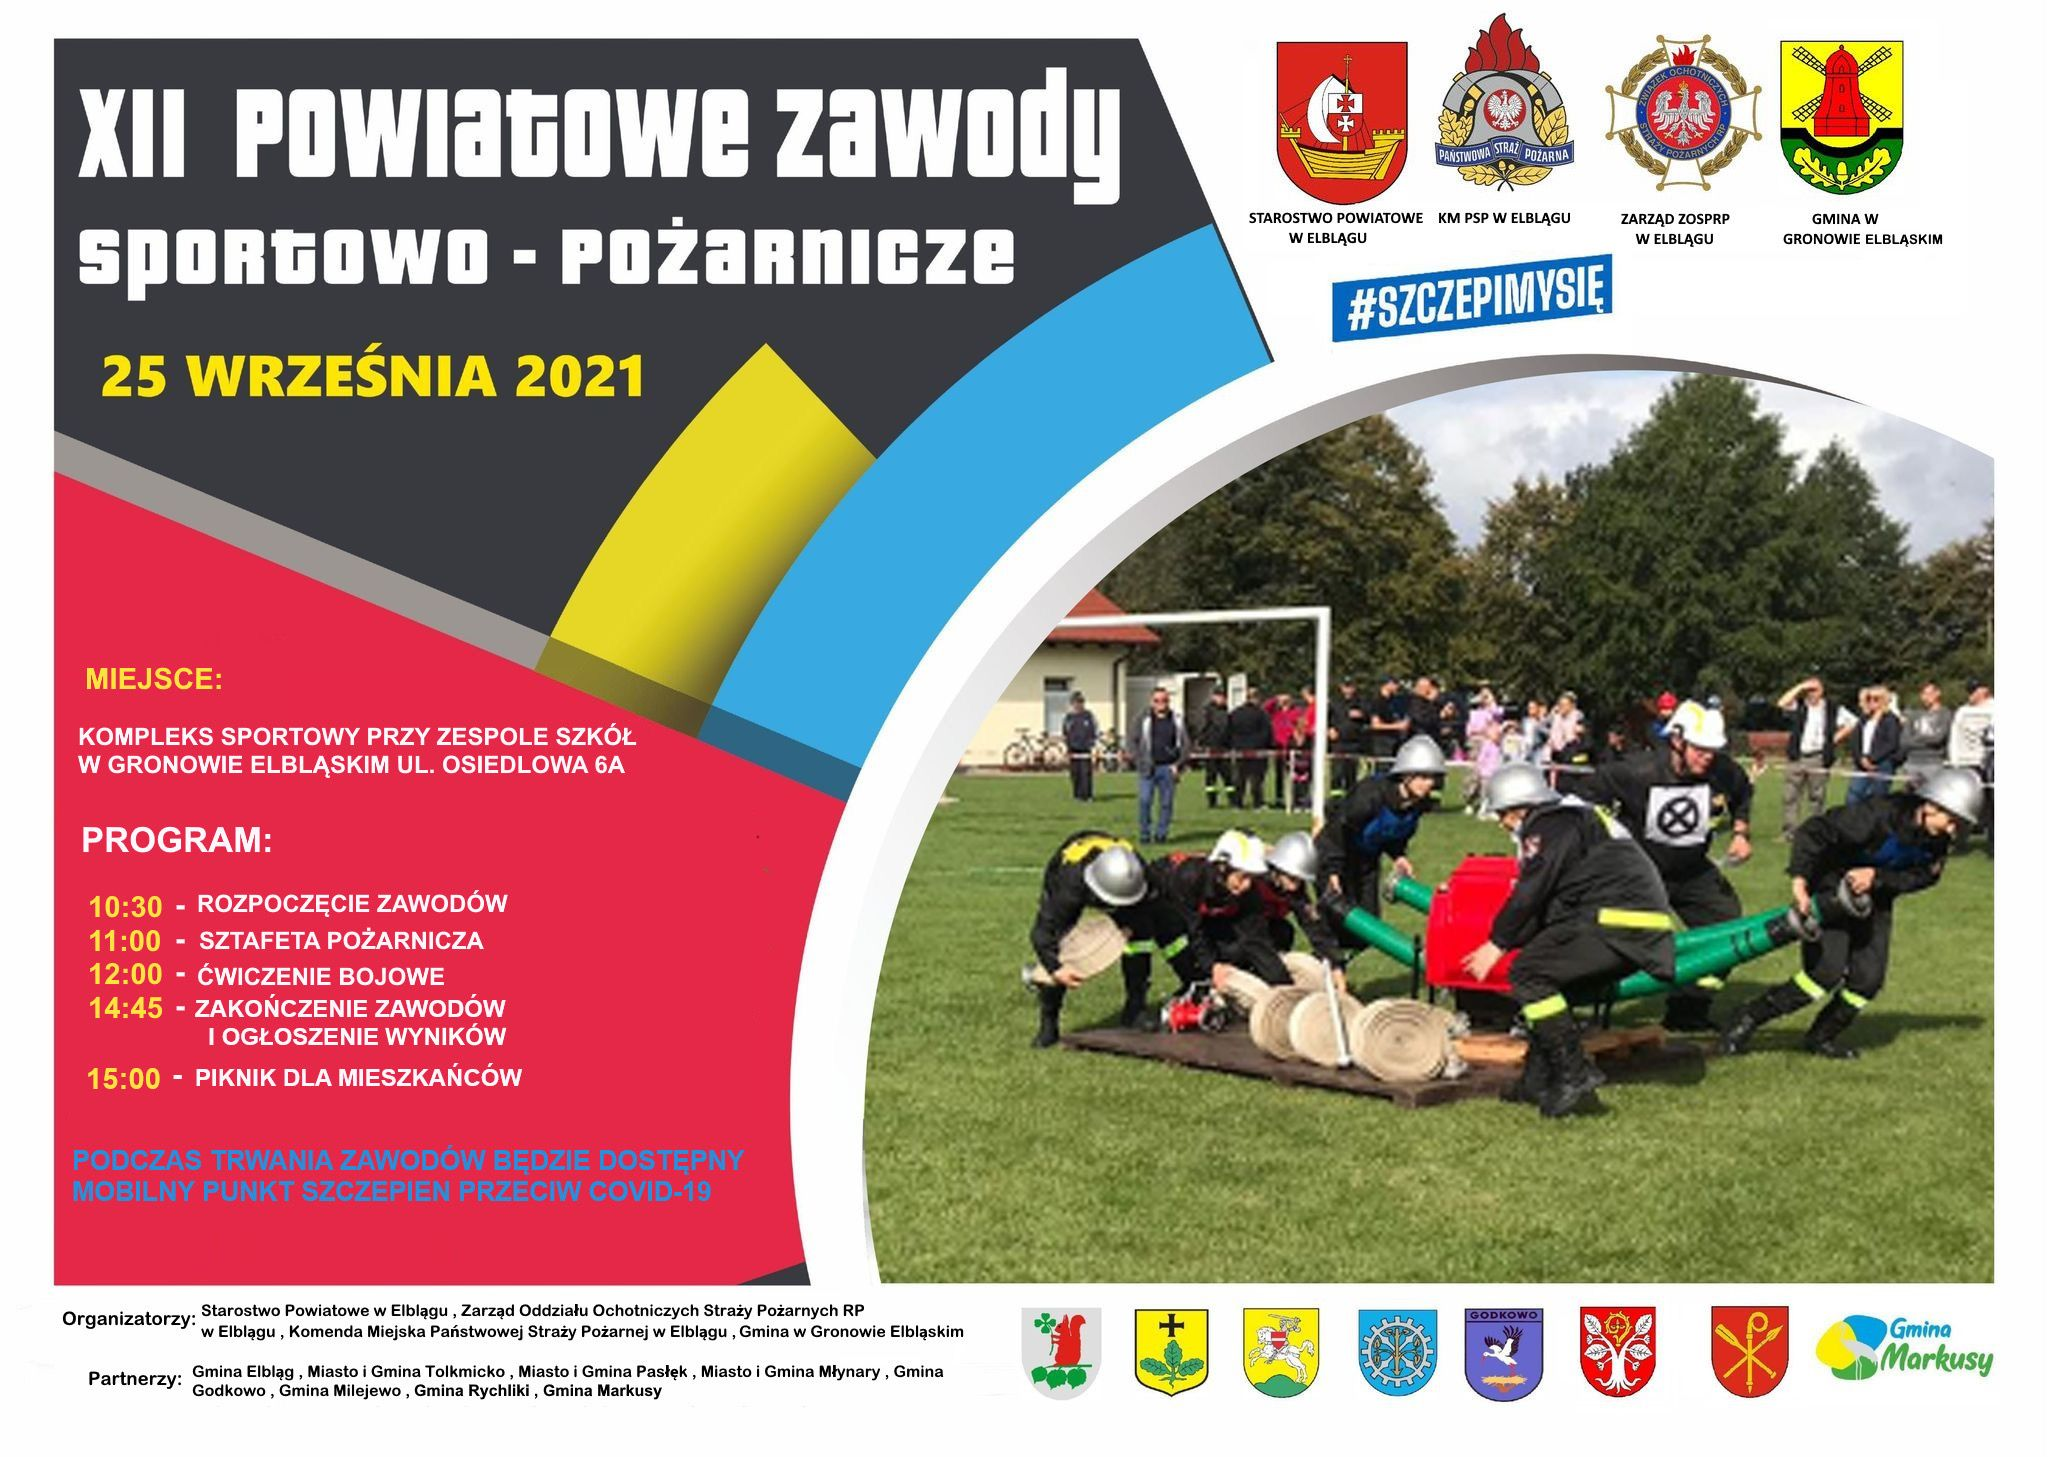 Plakat informujący o zawodach sportowo - pożarniczych mających odbyć się 25 września 2021 roku o godzinie 10:30, na terenie kompleksu sportowego przy zespole szkół w Gronowie Elbląskim. W lewej części plakatu tekst, po prawej zdjęcie przedstawiające siedmiu strażaków zgromadzonych dookoła motopompy.